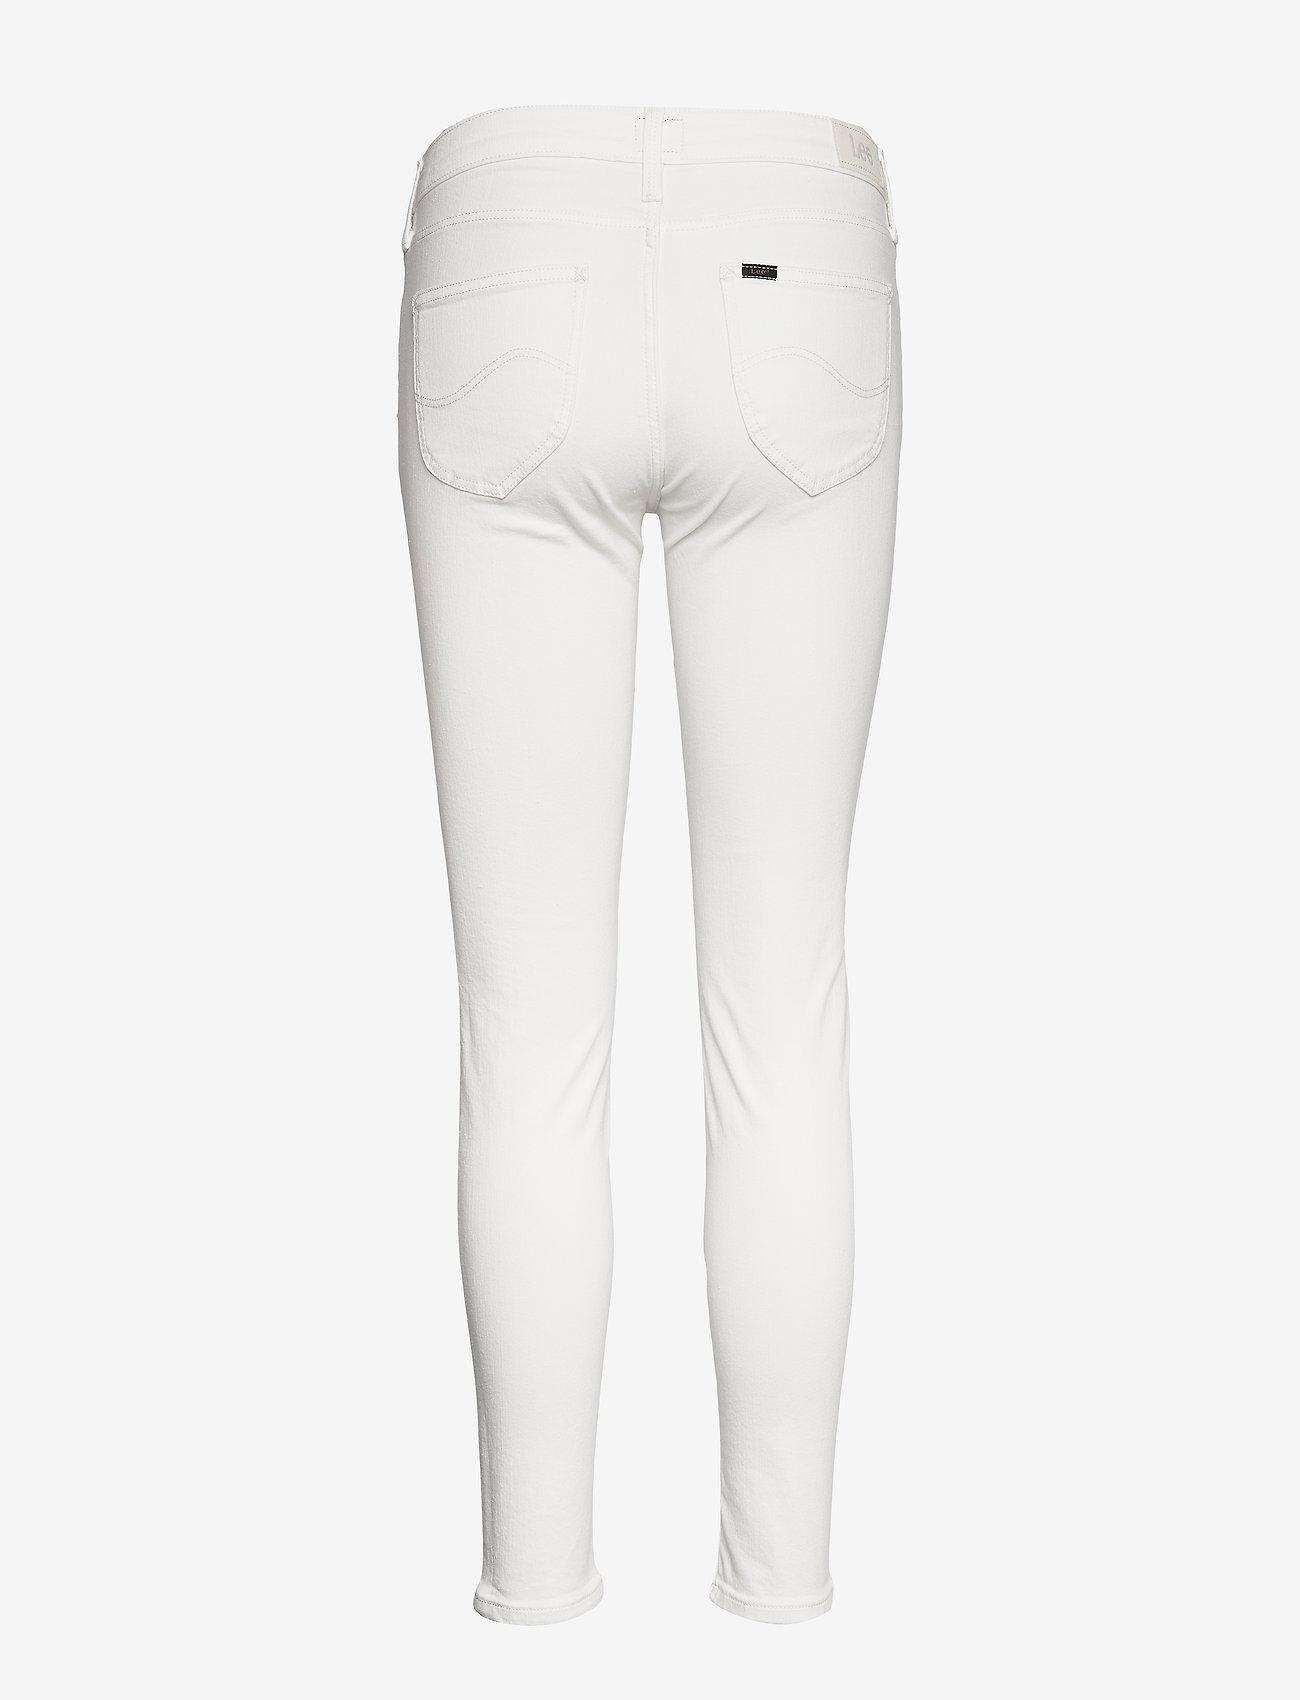 Lee Jeans - SCARLETT - skinny jeans - rinse - 1